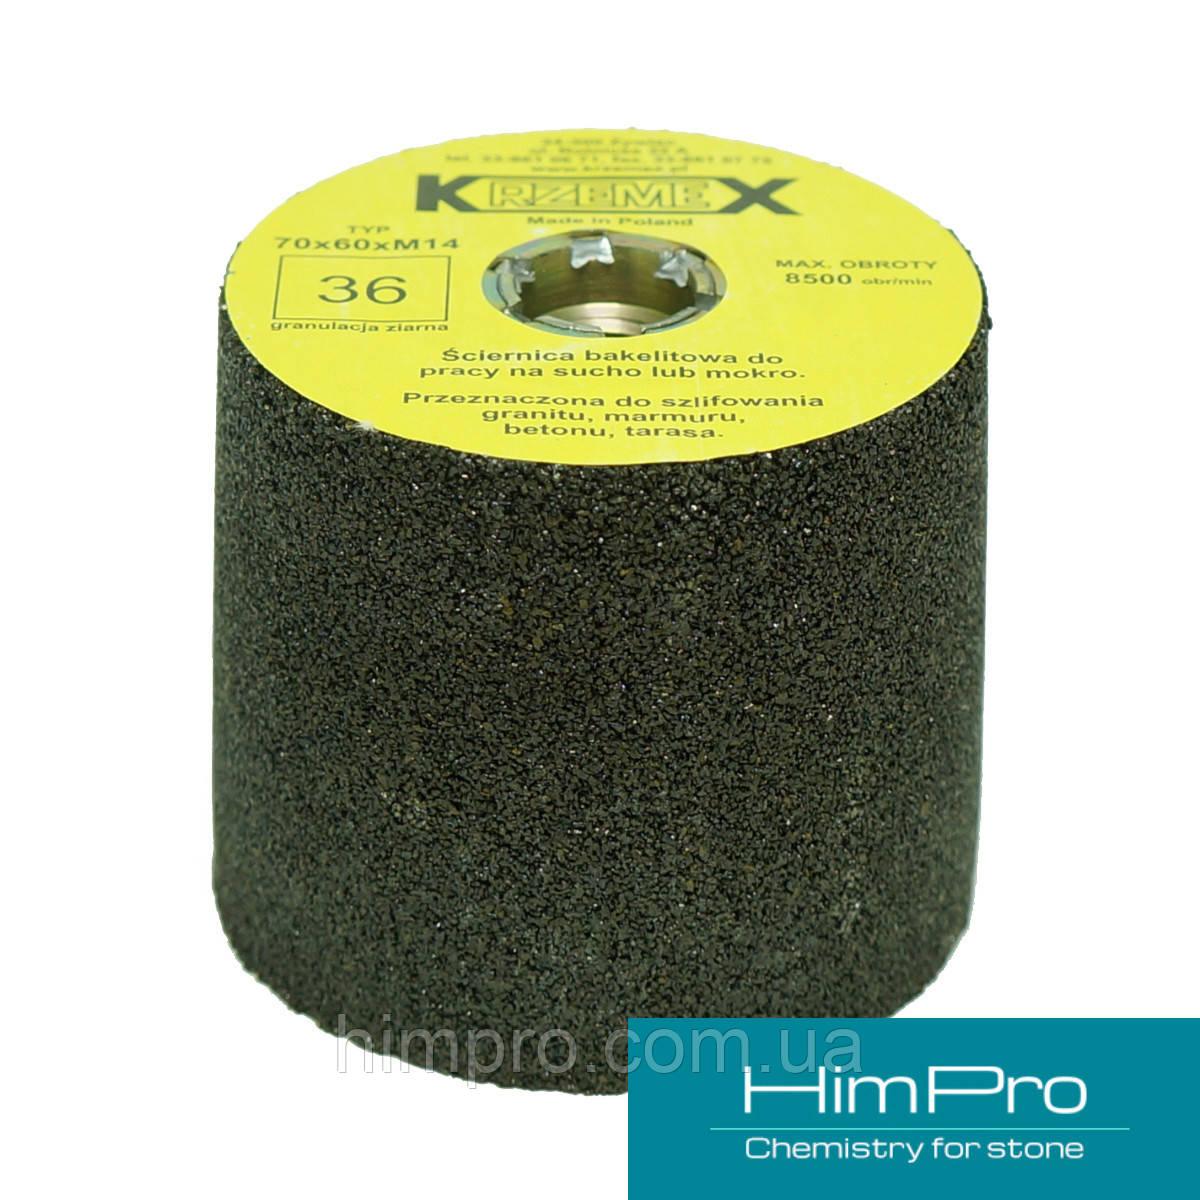 KRZEMEX d70 С36 Абразивные корундовые прямые чашки